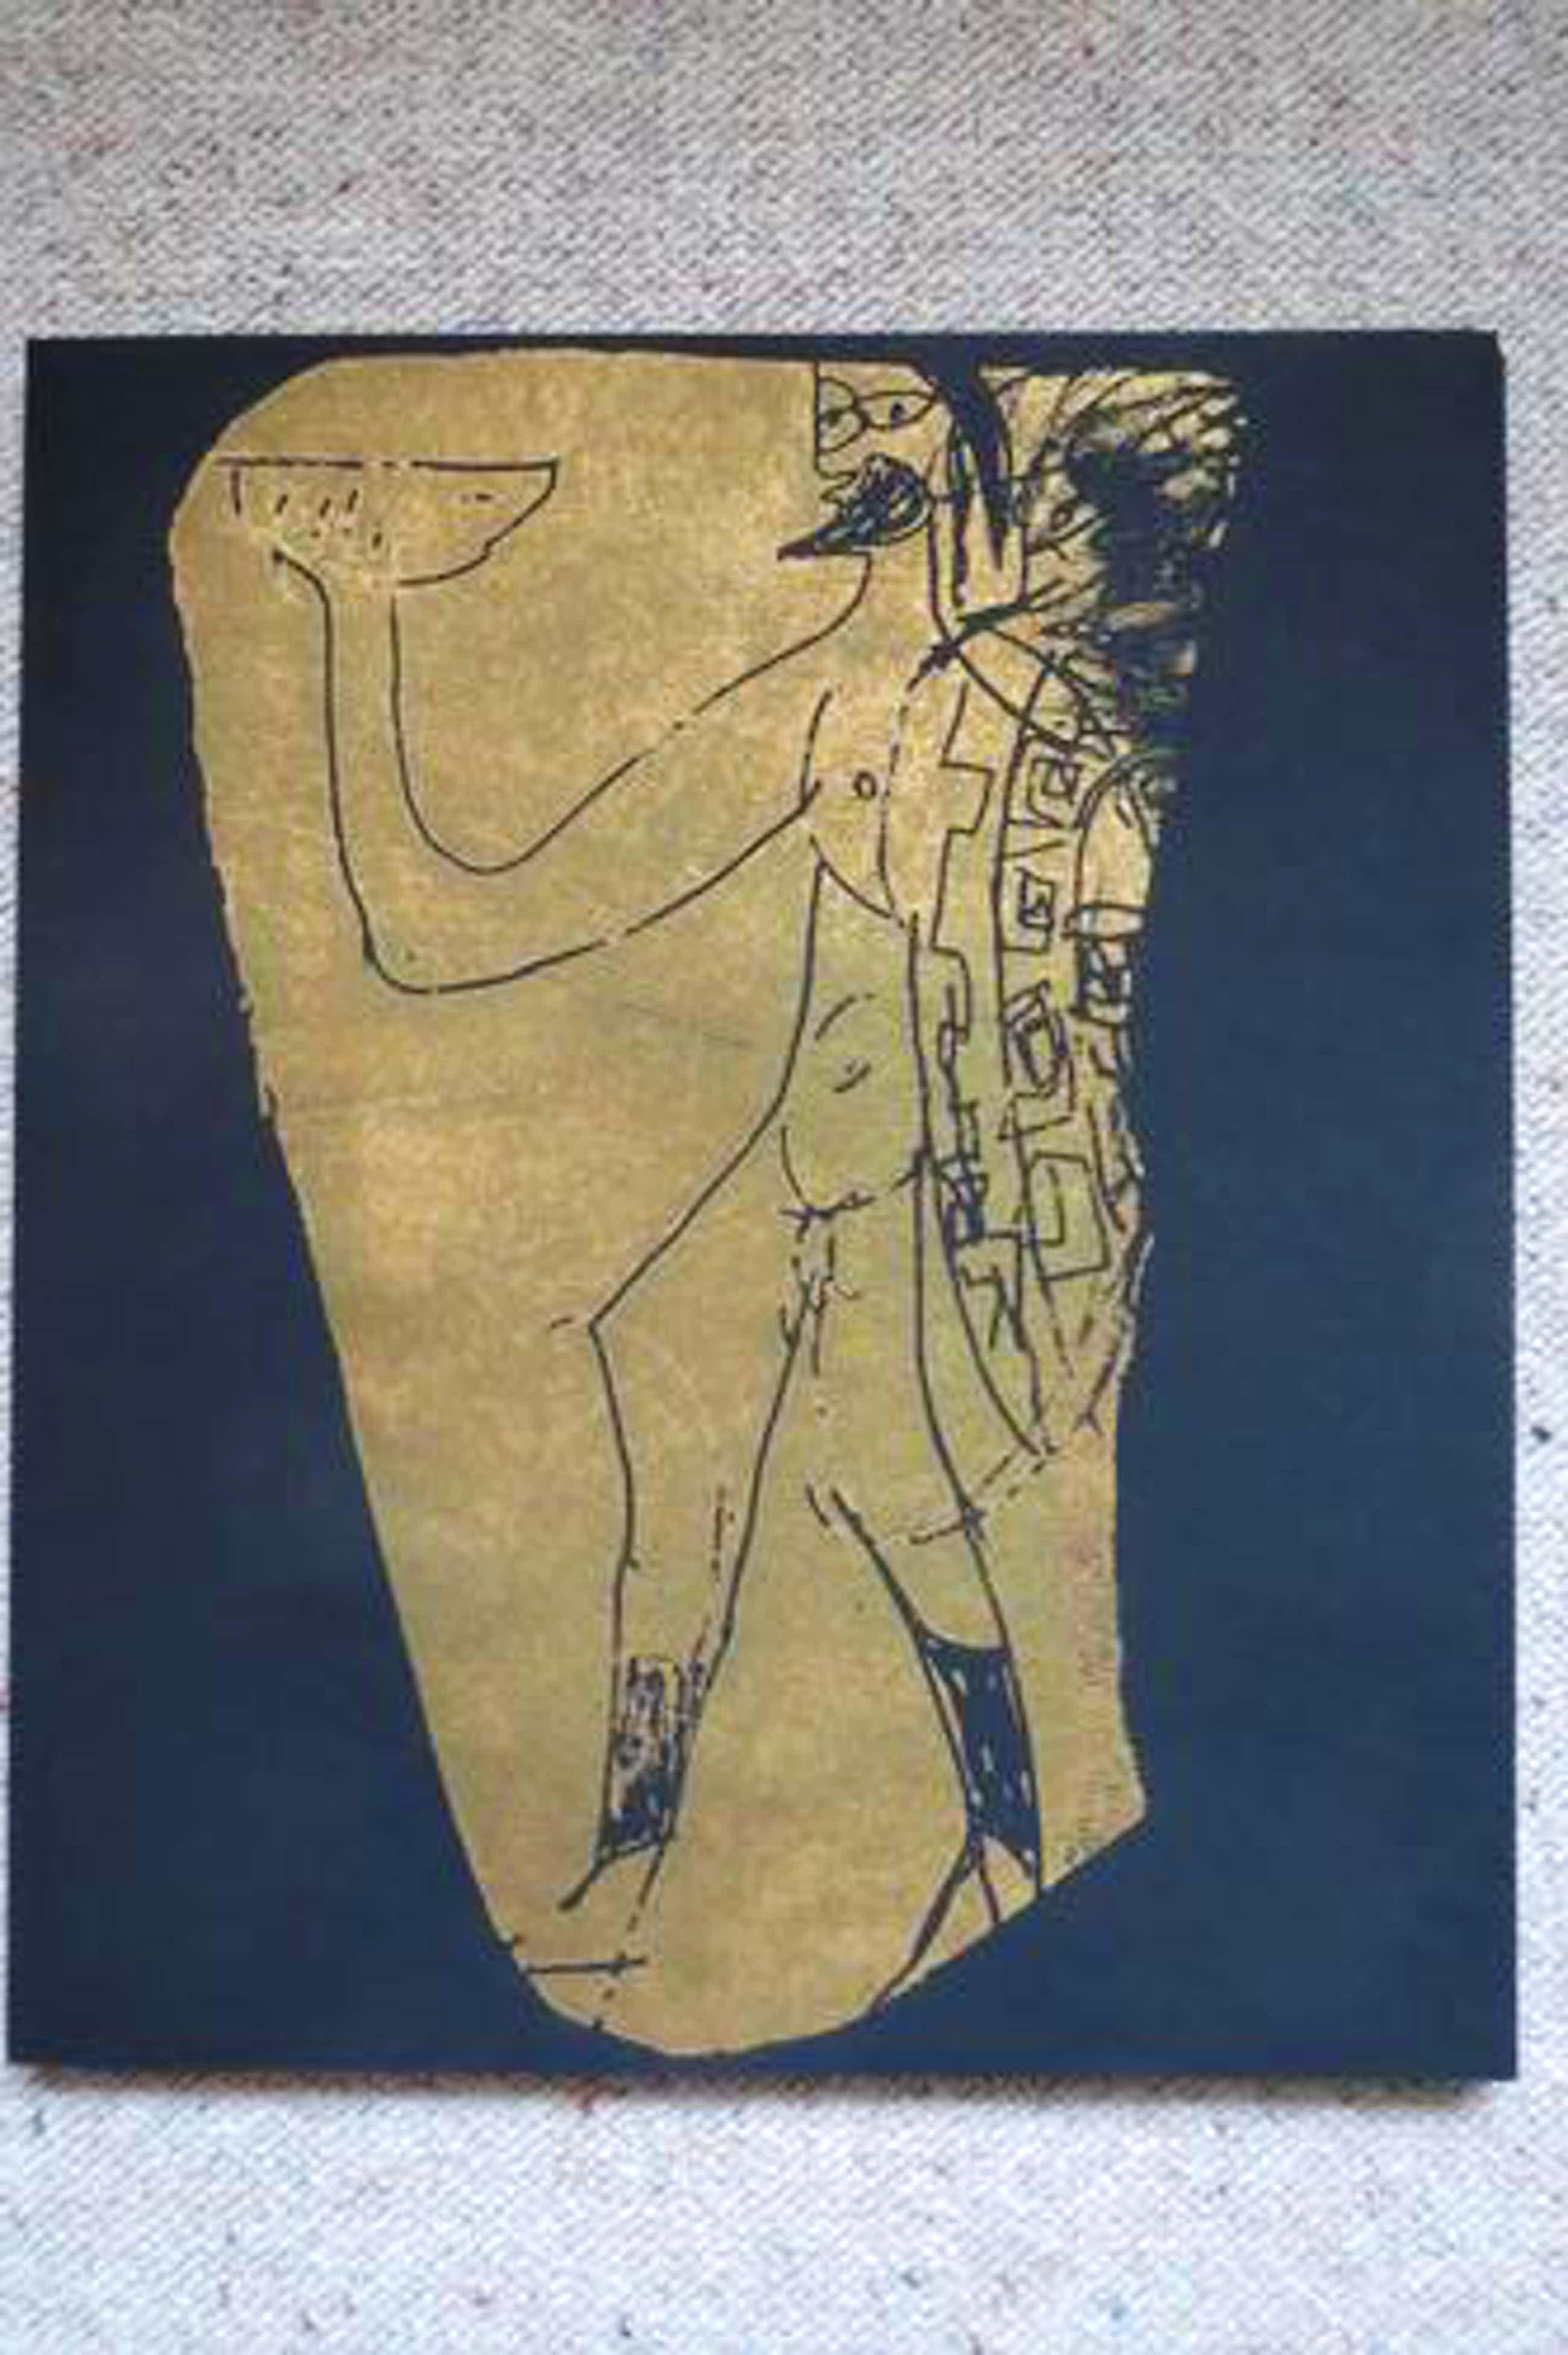 H.A.P. Grieshaber - Scherben: Mappe mit 6 Originalholzschnitten 1964 kopen? Bied vanaf 450!